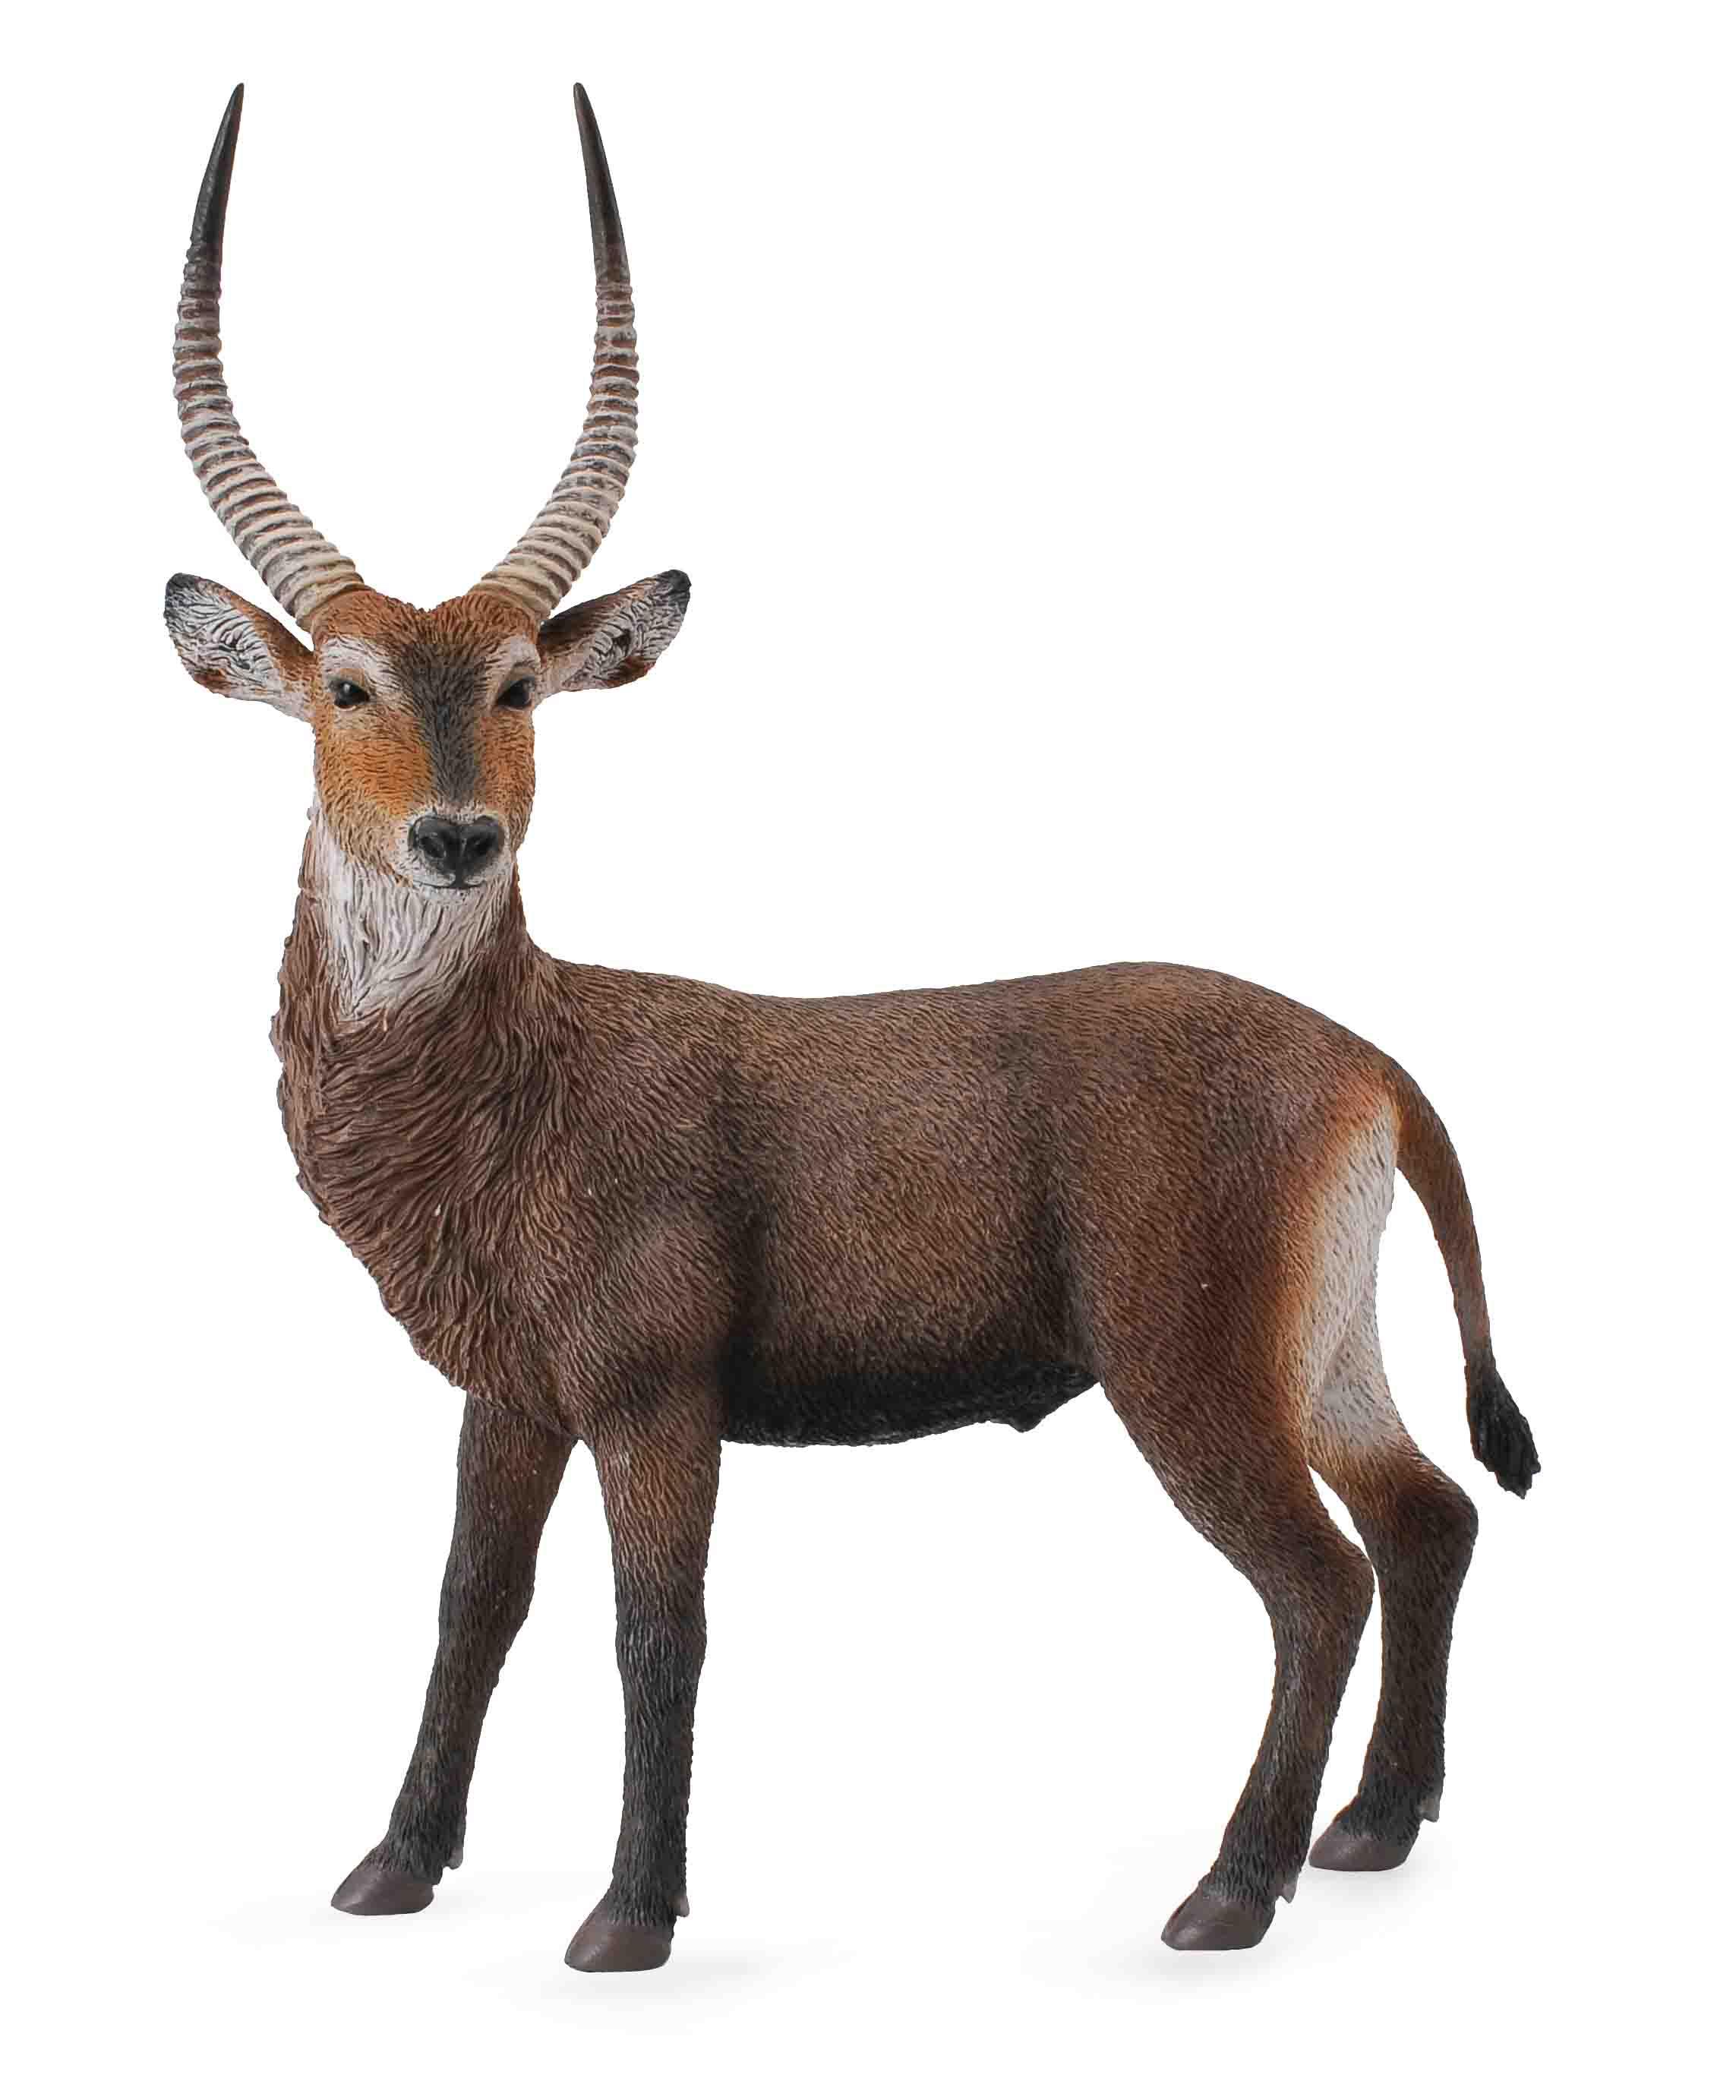 Фигурка животного - Водяной козёл, размер LДикая природа (Wildlife)<br>Фигурка животного - Водяной козёл, размер L<br>